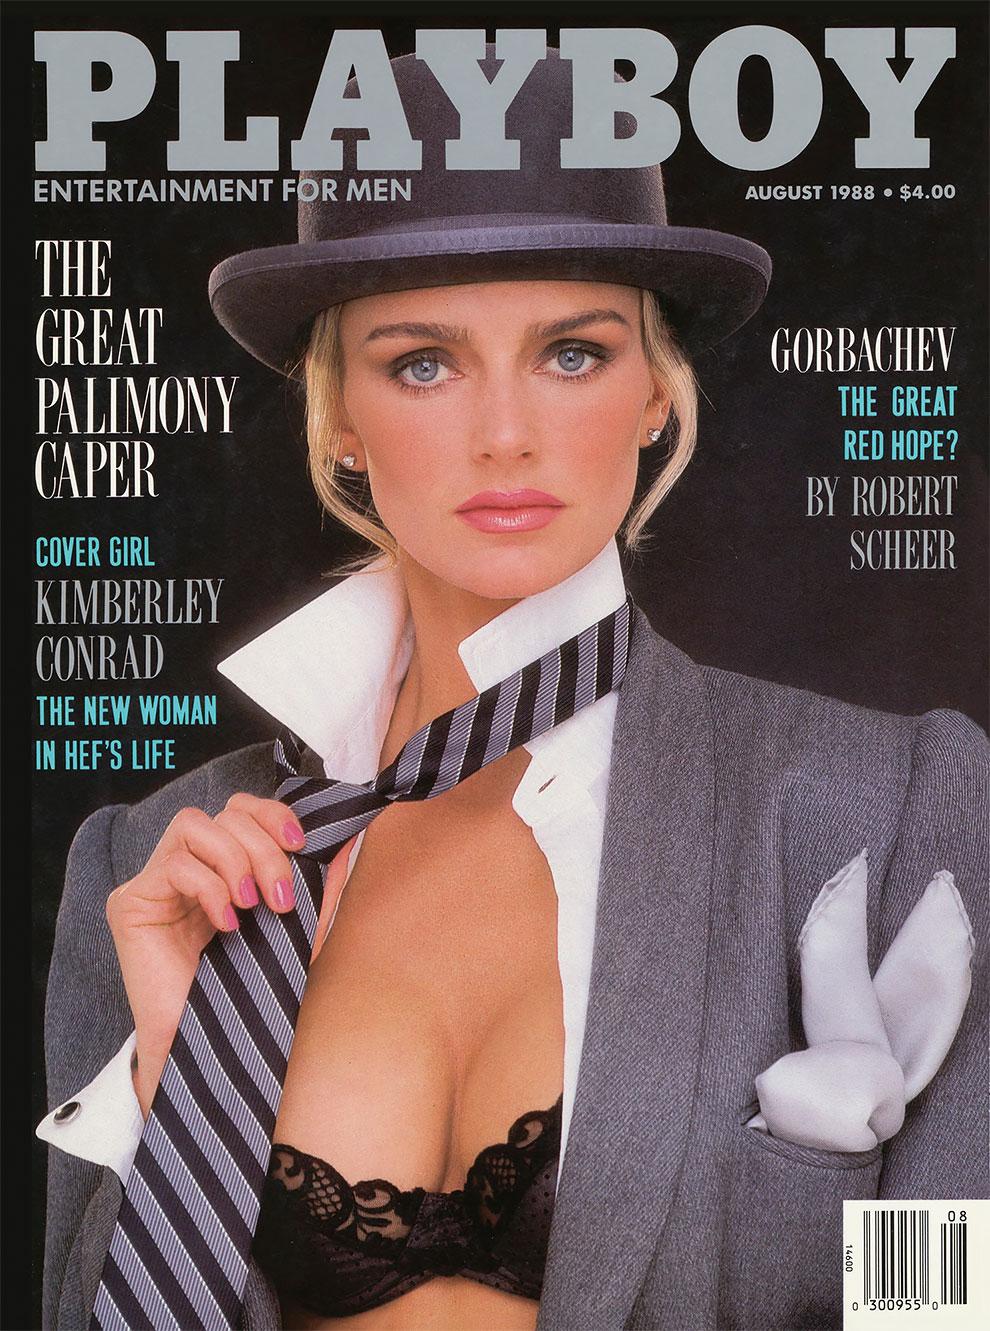 30 лет спустя: журнал Playboy воссоздал свои культовые обложки с теми же моделями 3